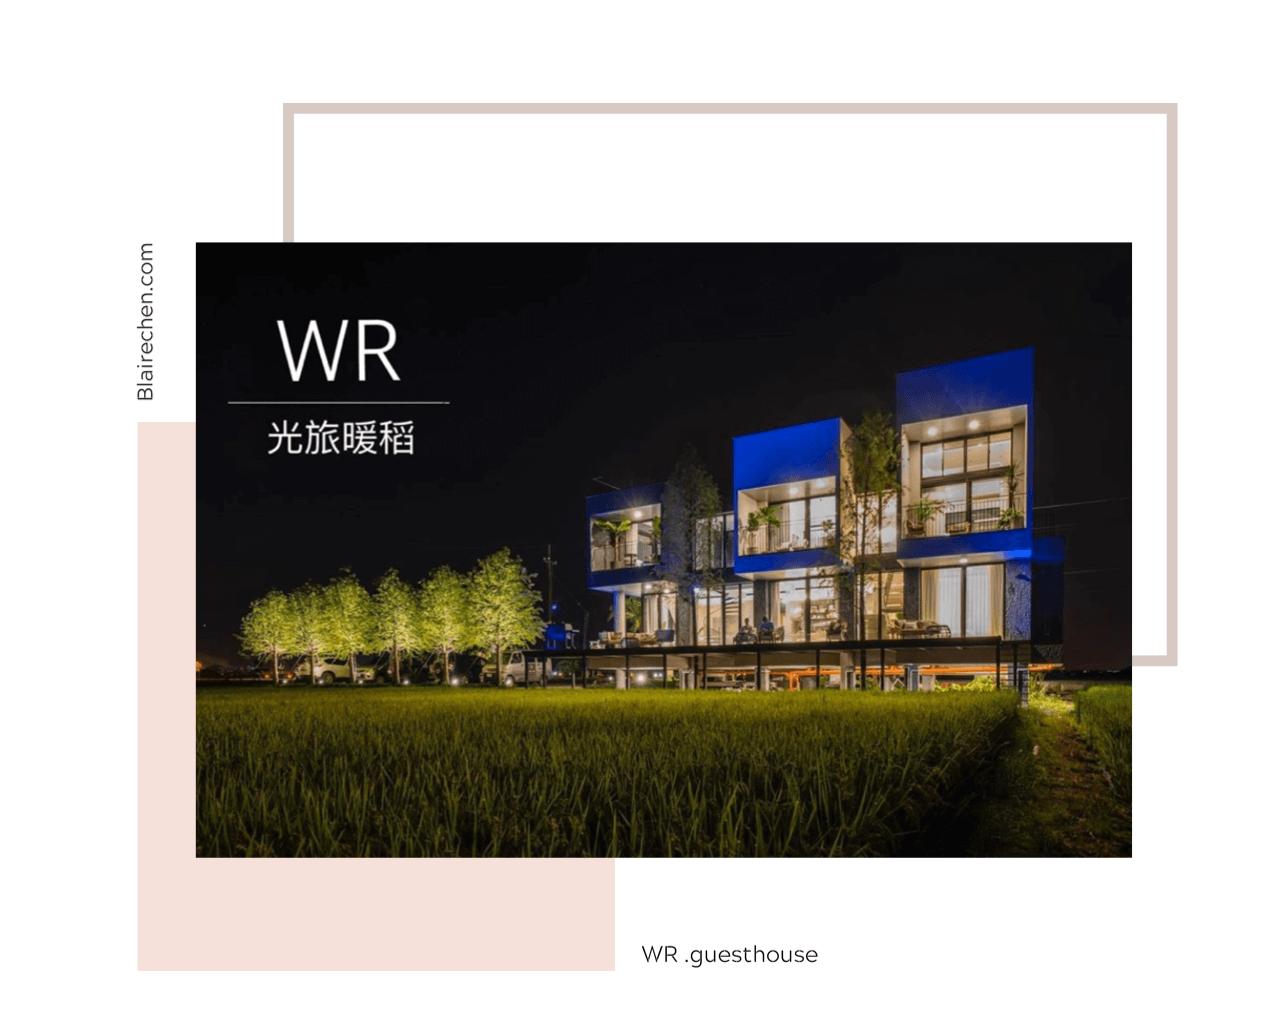 【宜蘭 WR 光旅暖稻】|超美宜蘭民宿!輕旅行首選,巴洛克式建築空間,度假放鬆又幸福。